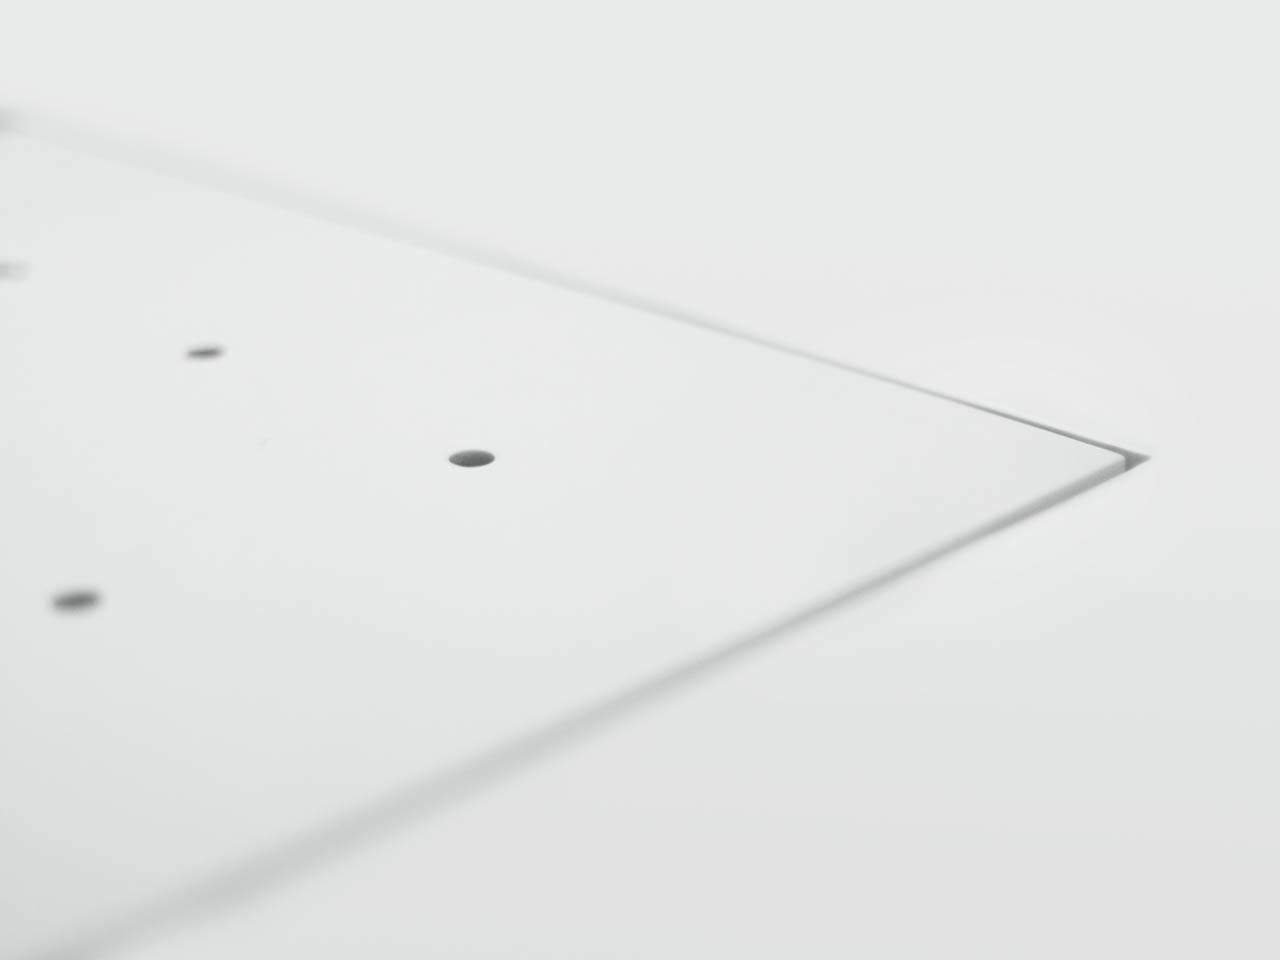 plan 3 kuchyně / Moderní minimalistické bydlení / Homogenní design